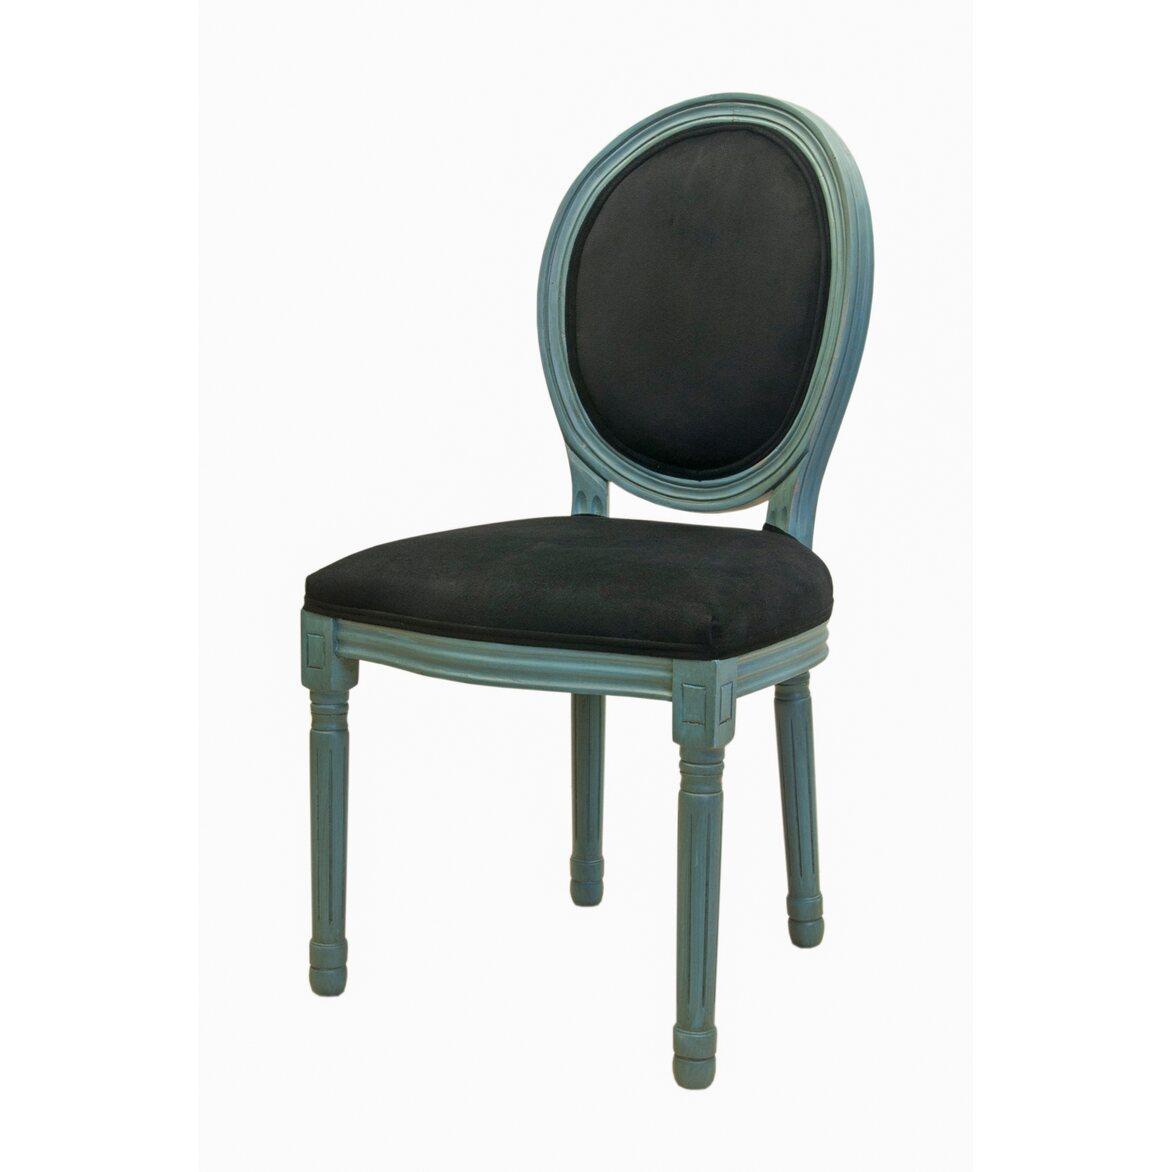 Стул Volker old navy 3 | Обеденные стулья Kingsby